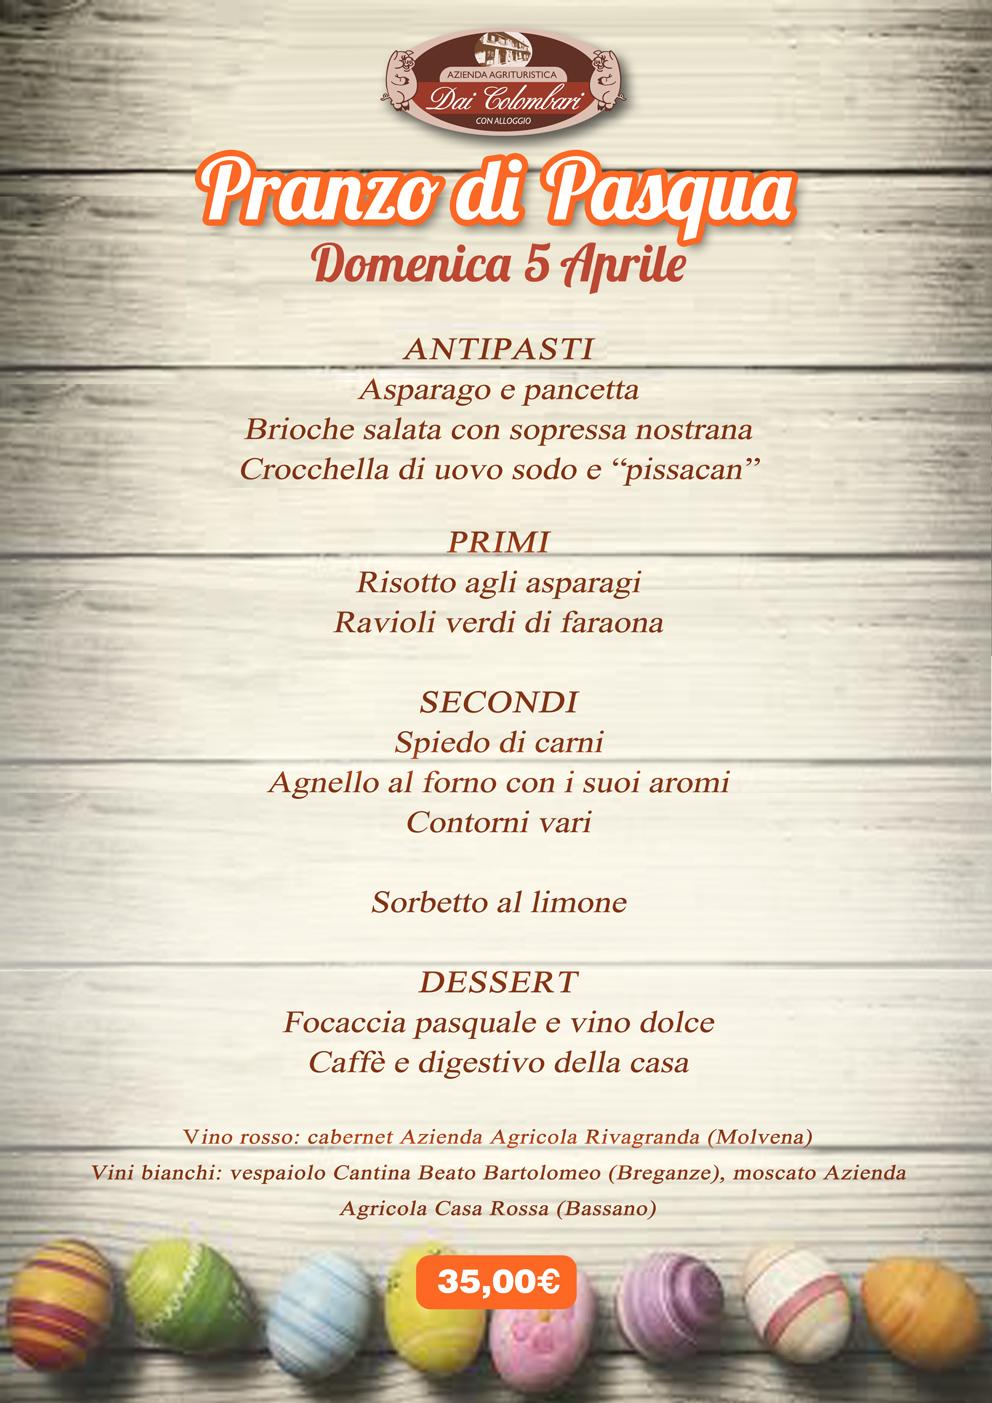 Men pranzo di pasqua 2015 agriturismo dai colombari for Pranzo di pasqua in agriturismo lombardia